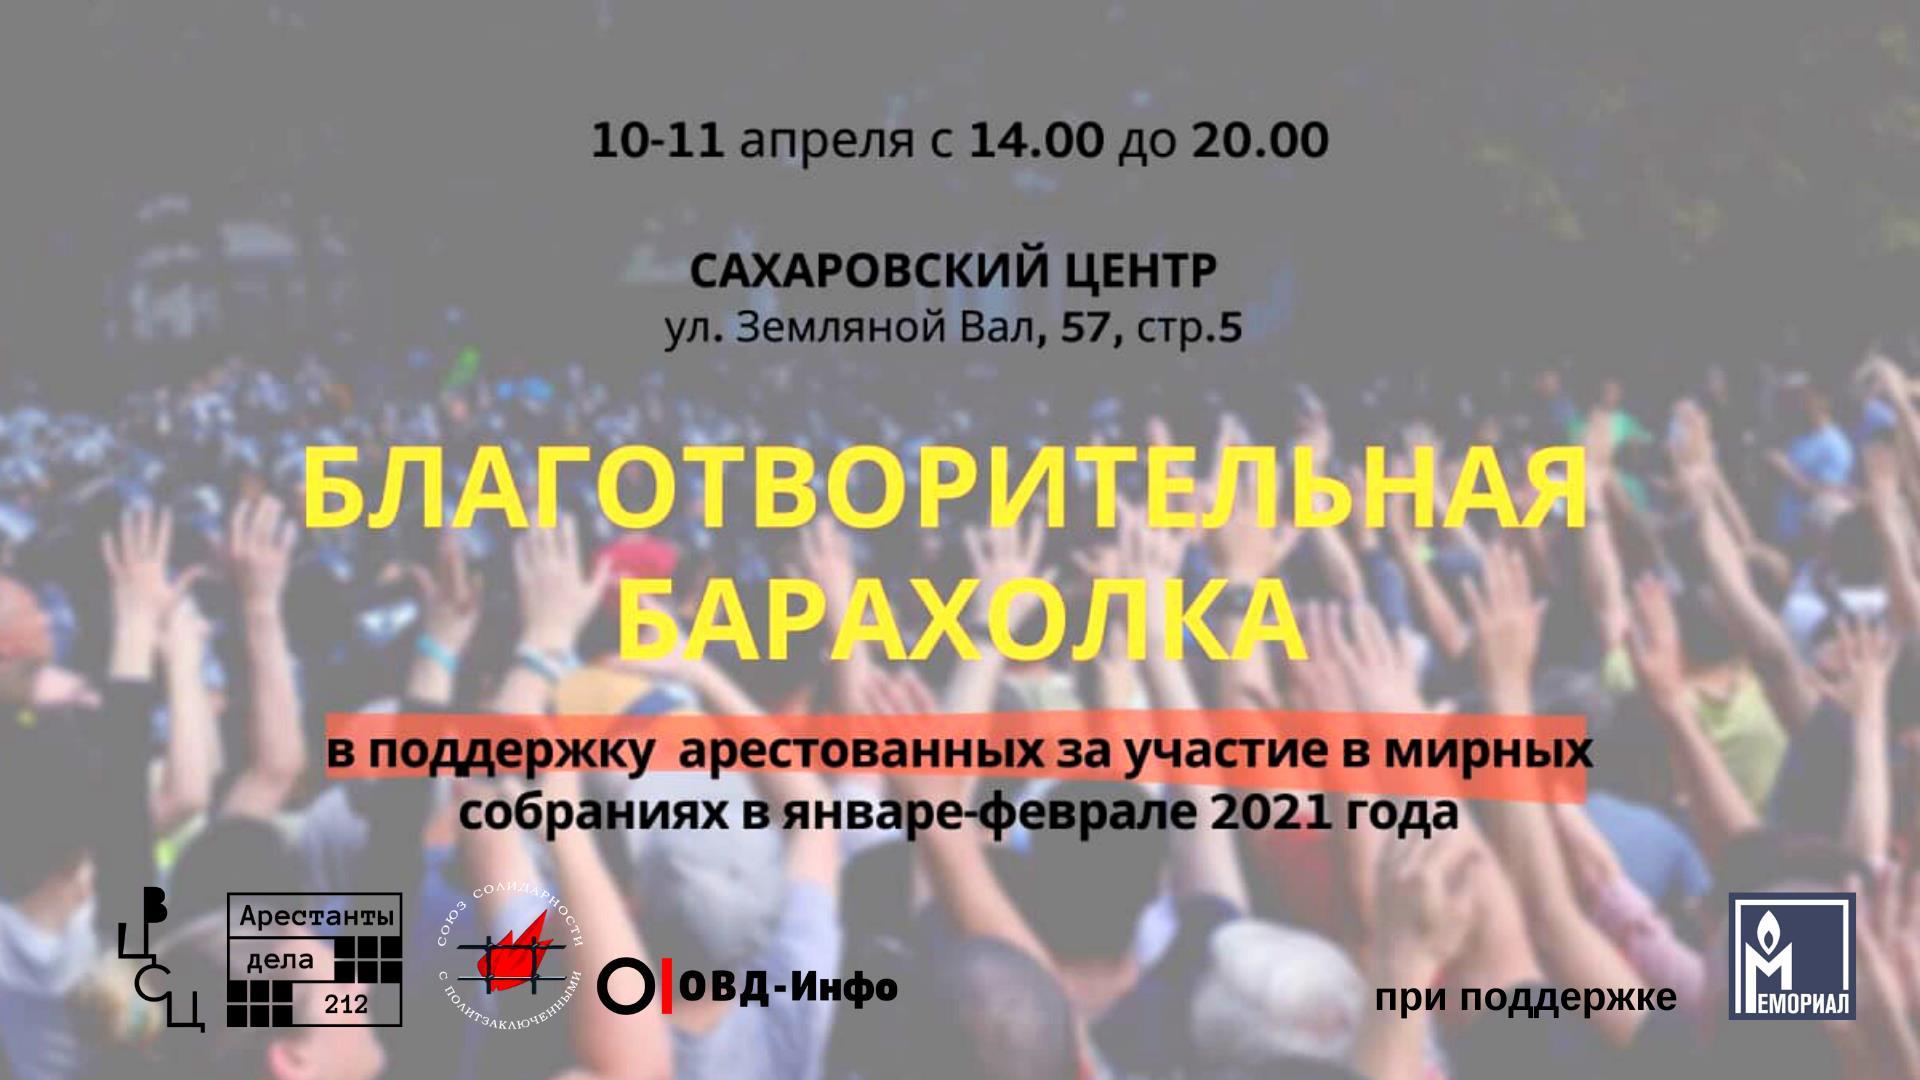 Благотворительная Барахолка в поддержку арестованных за участие в мирных собраниях в январе-феврале 2021 года